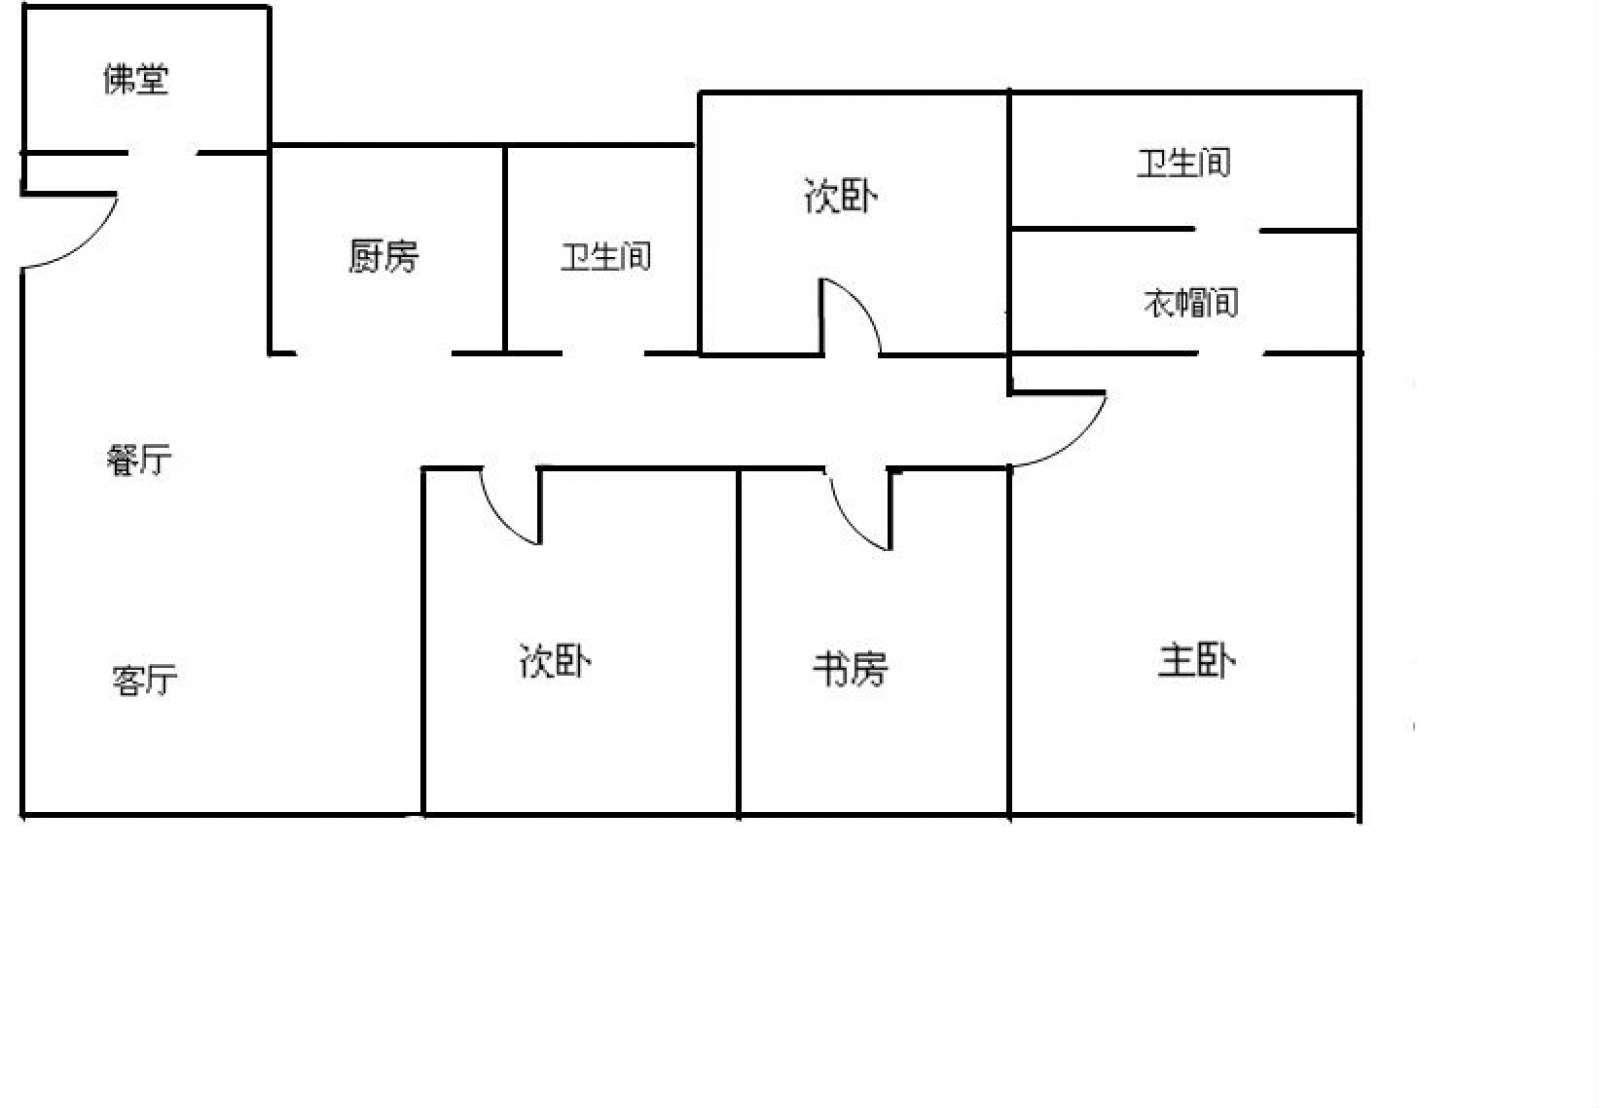 天虹购物中心对面 豪华装修五房 带车位出售 寻找有缘人